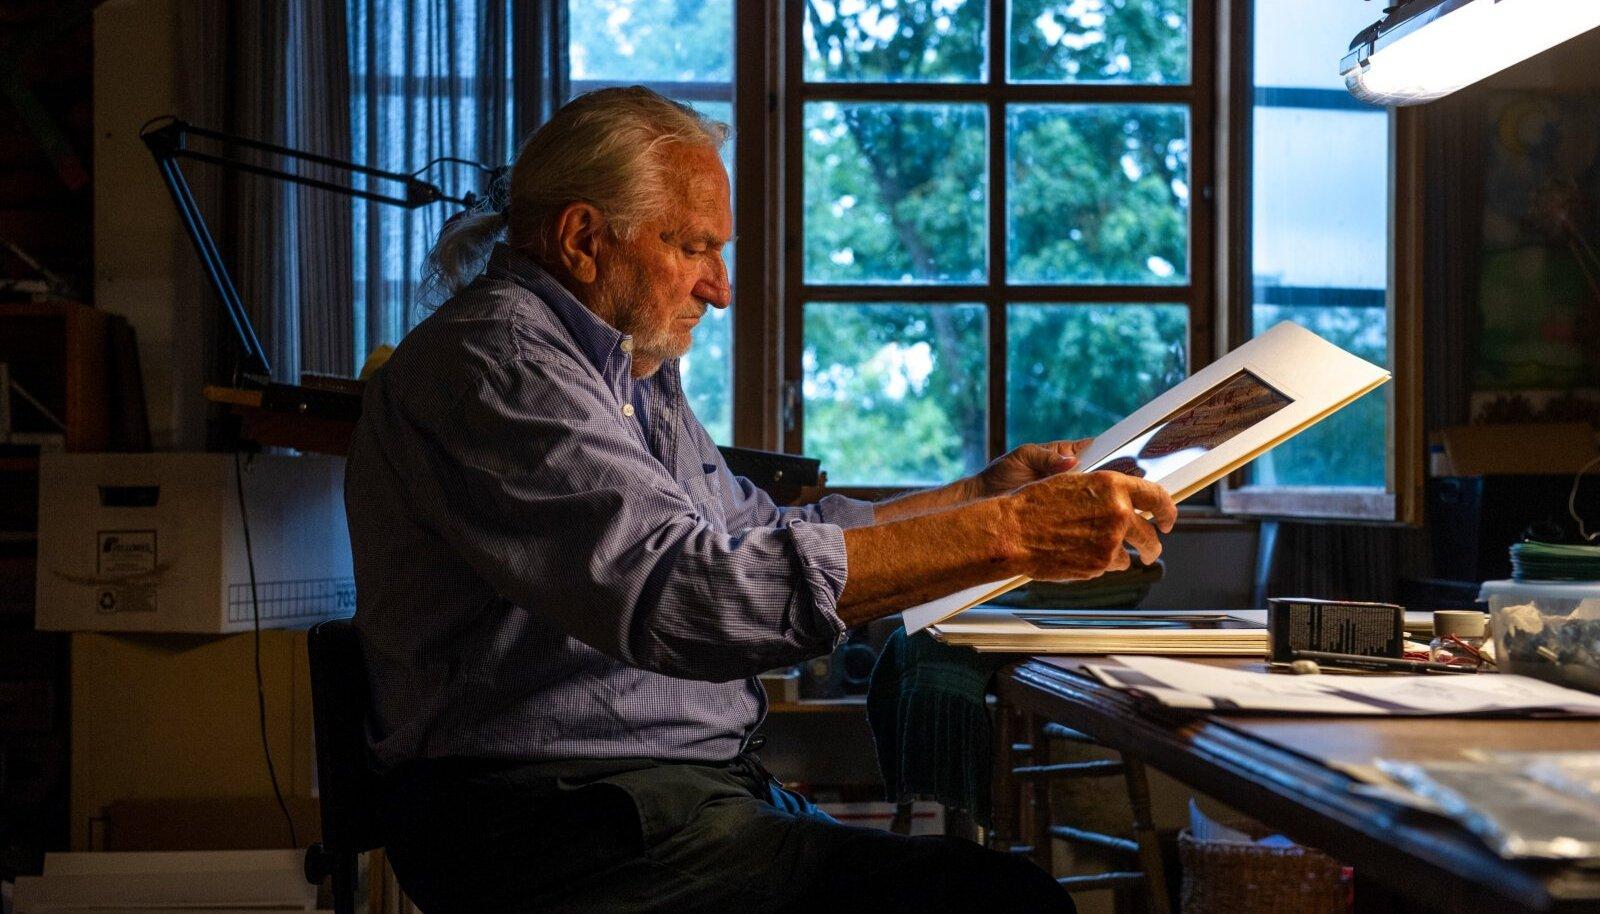 KUNSTI ALGED: Firnhaberi kogus on enam kui 30 000 fotot esiaja kunstist maailma eri paigust.